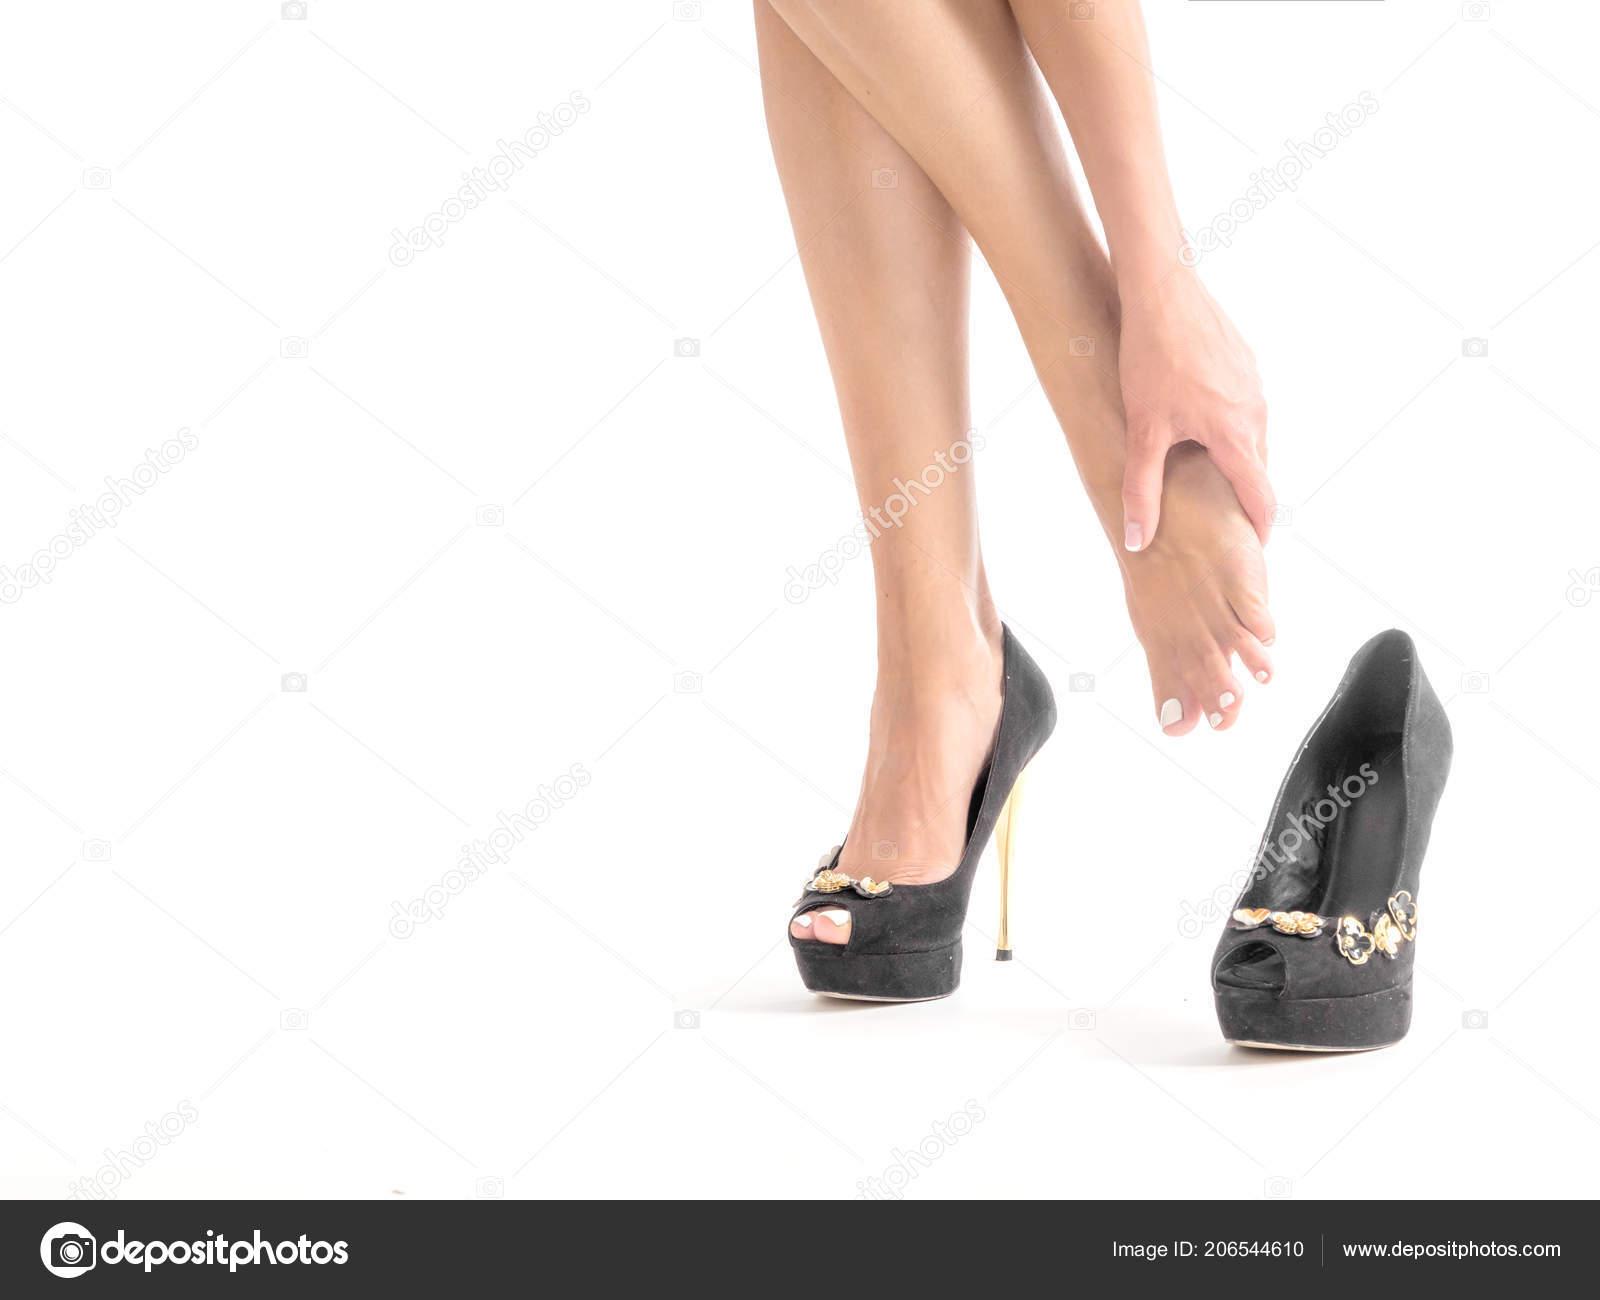 Высокой девушки идет высокий каблук